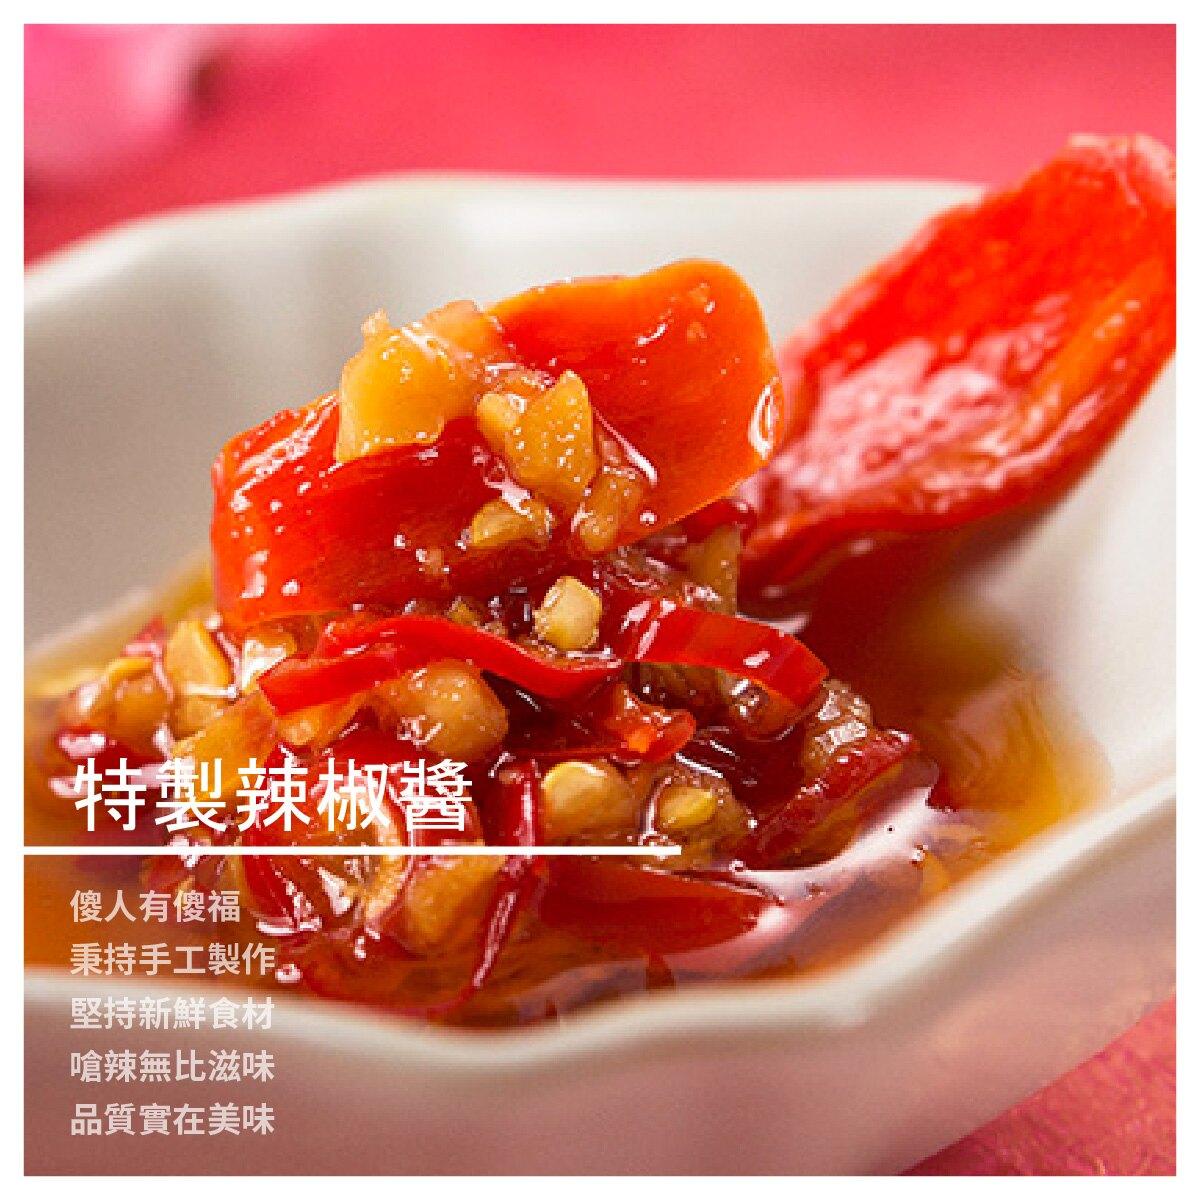 【傻水餃】特製辣椒醬/瓶